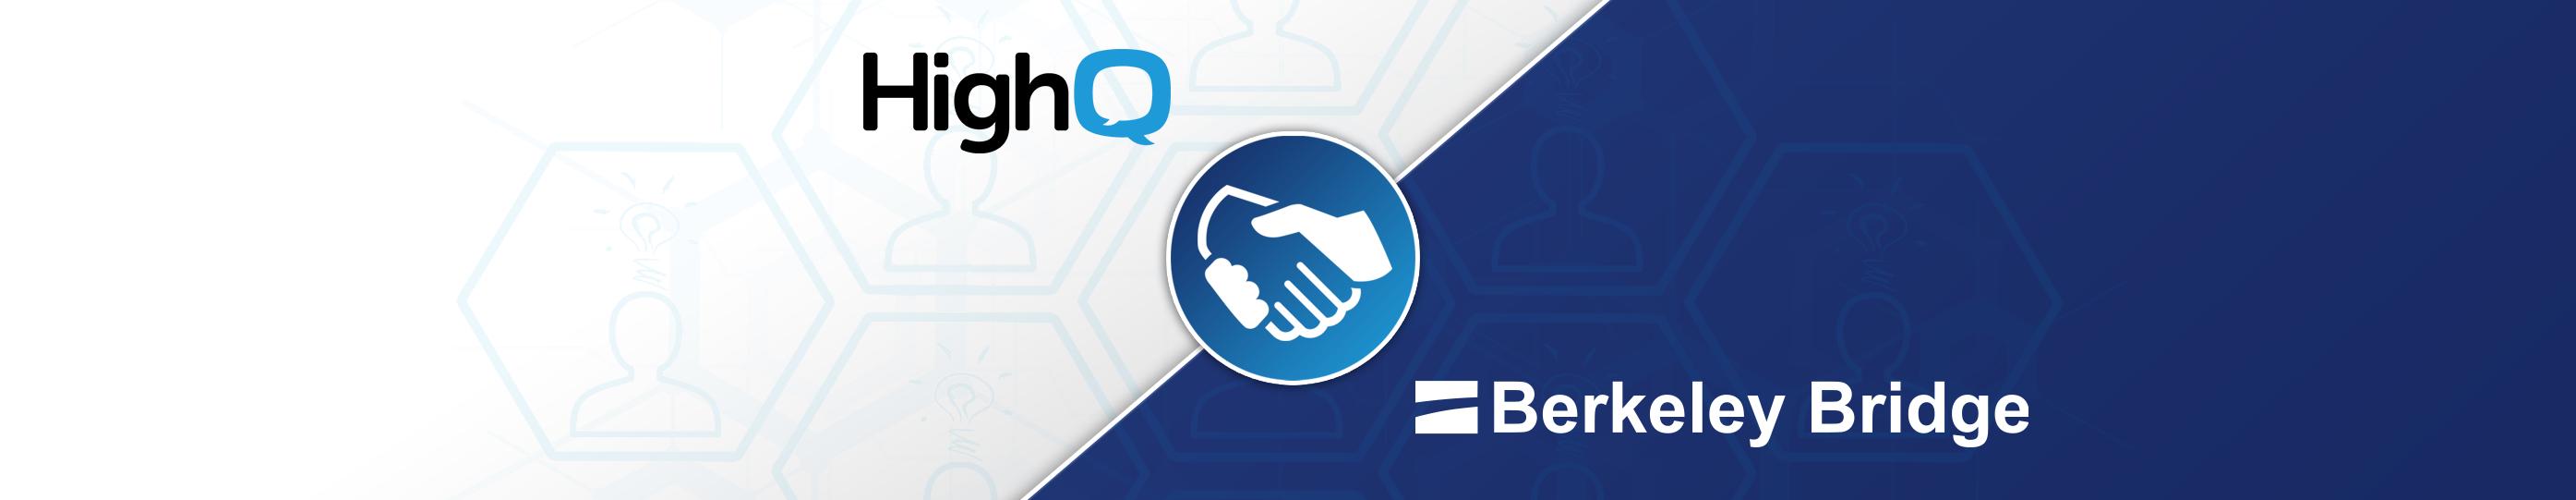 HighQ-BerkeleyBridge-Partnership